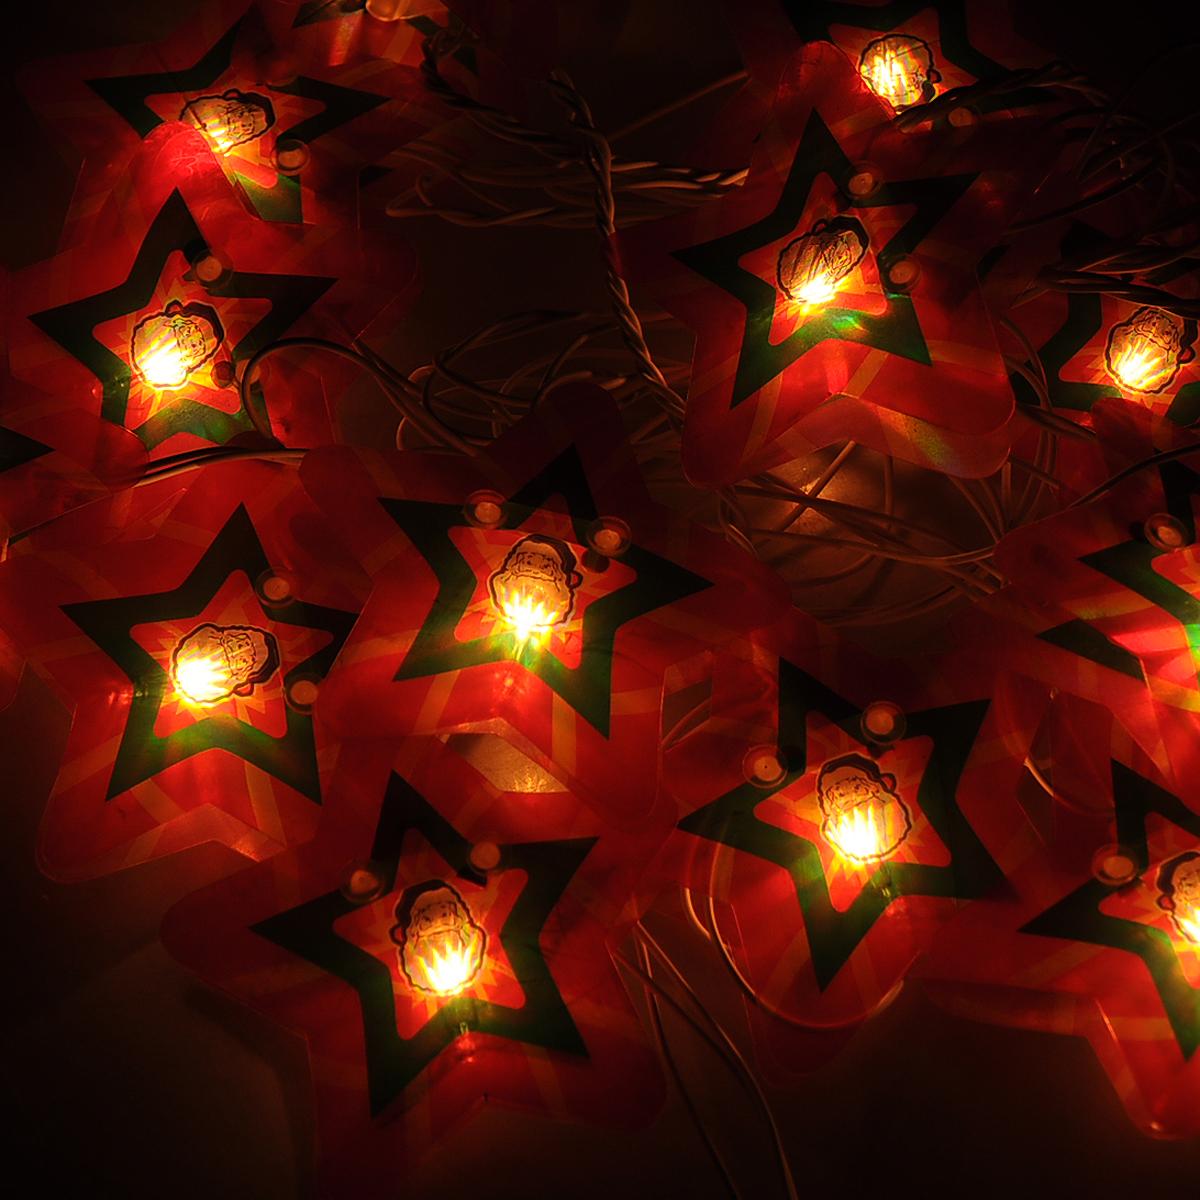 Гирлянда новогодняя Звезда, электрическая, 16 ламп, 2,5 м. 3534135341Новогодняя электрическая гирлянда Звезда украсит интерьер вашего дома или офиса в преддверии Нового года. Лампы выполнены в виде двух пластиковых пластинок в форме звезды. Между пластинами располагается лампочка. Имеется тумблер переключения режимов мигания огней (8 режимов). Оригинальный дизайн и красочное исполнение создадут праздничное настроение. Откройте для себя удивительный мир сказок и грез. Почувствуйте волшебные минуты ожидания праздника, создайте новогоднее настроение вашим дорогим и близким.Материал: ПВХ, стекло. Размер пластинок: 7,5 см х 7,5 см. Напряжение: 220 В. Мощность: 30,7 Вт.